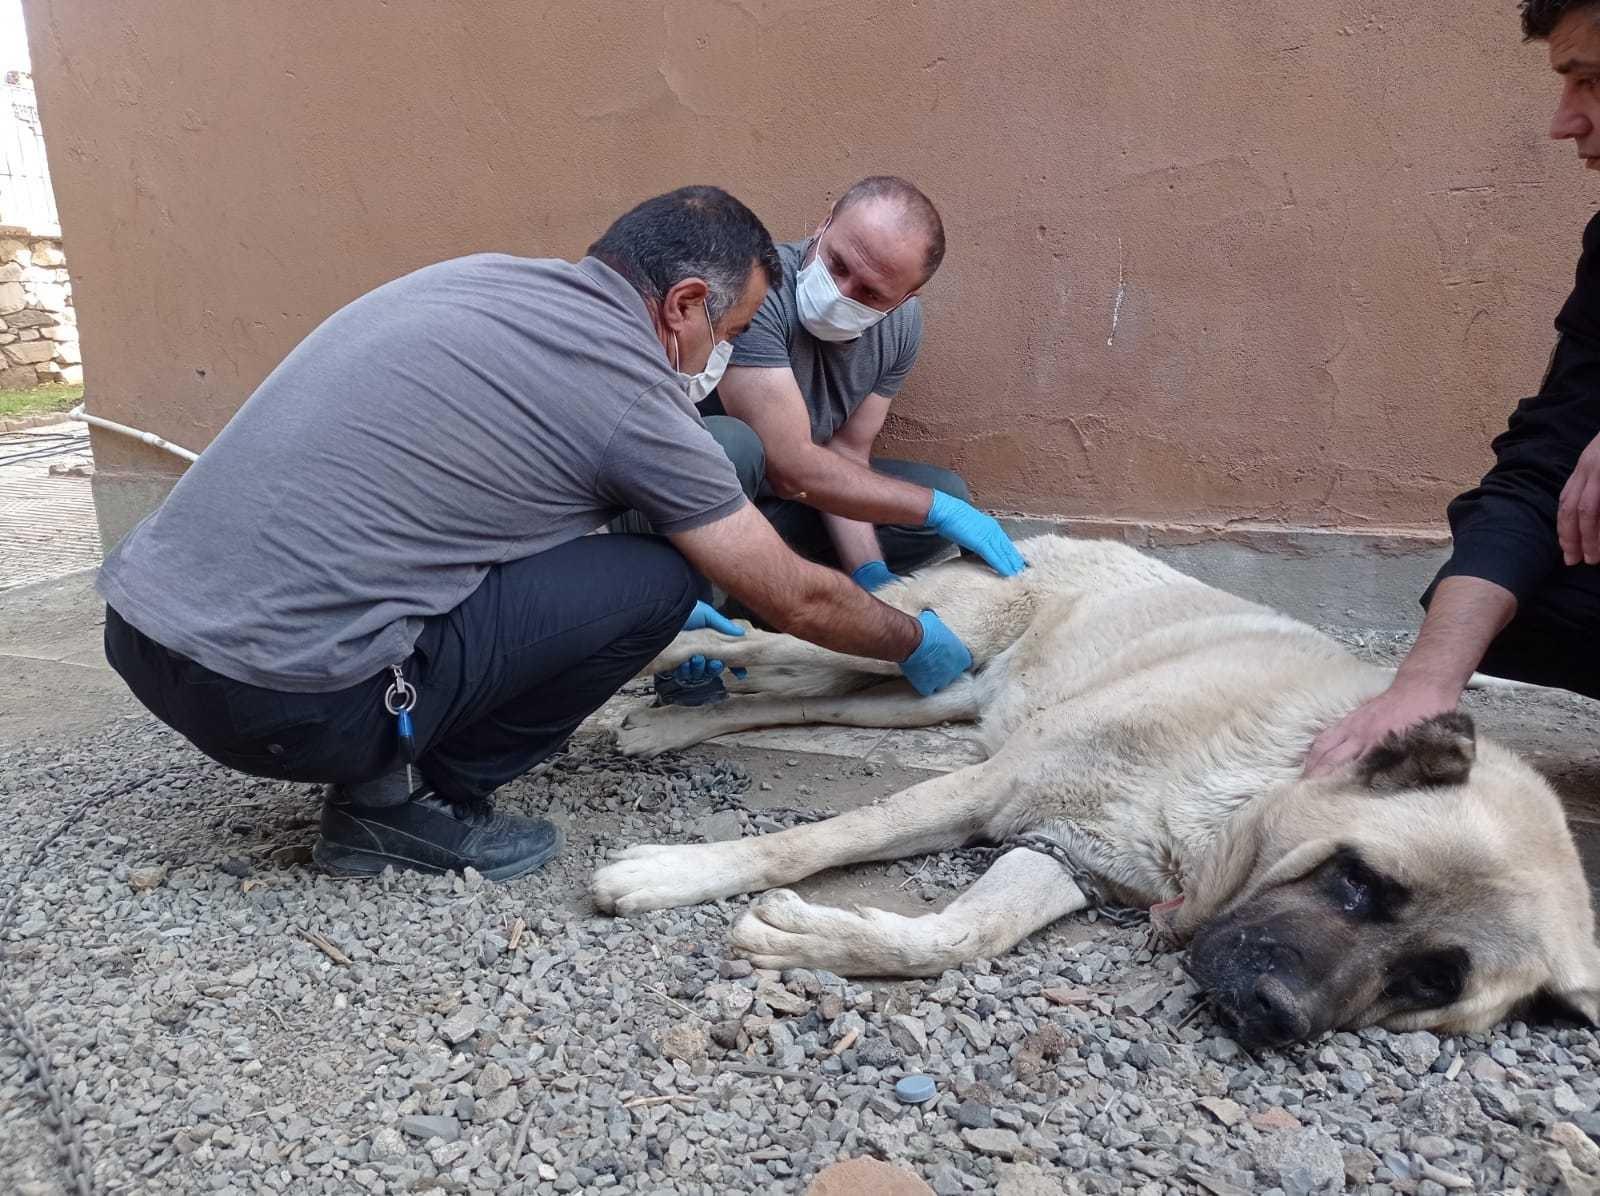 İnşaattan düşen köpeğin ayağı kırıldı #hakkari